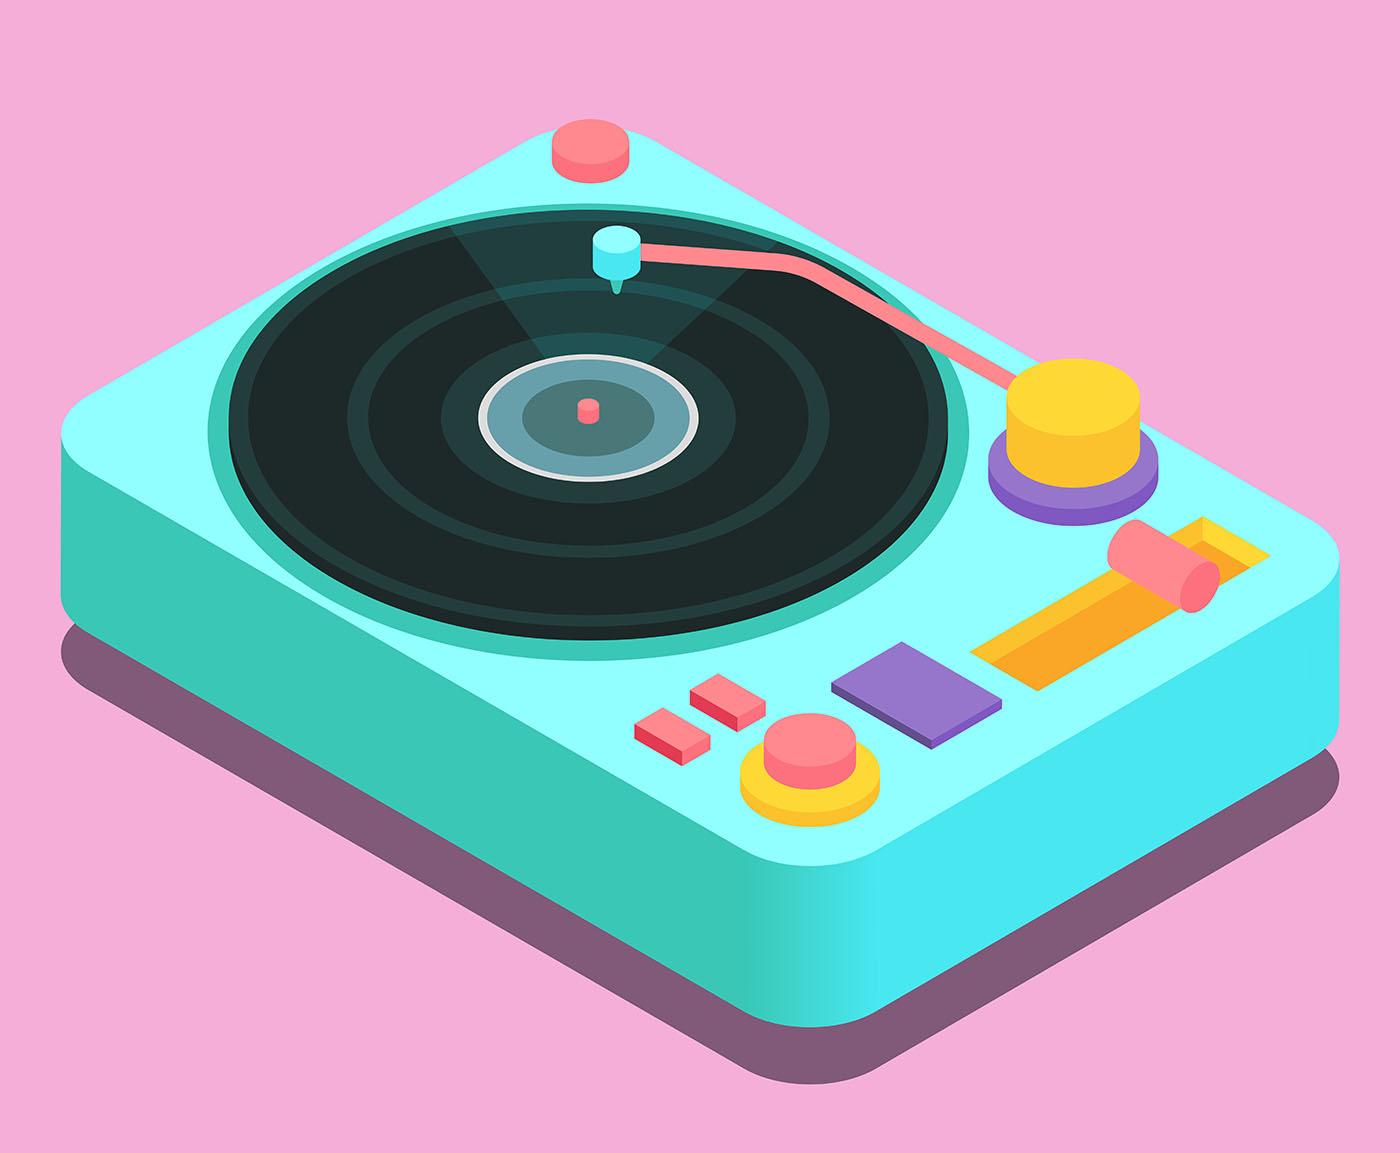 Vinyl Records Vector Illustration Download Free Vectors